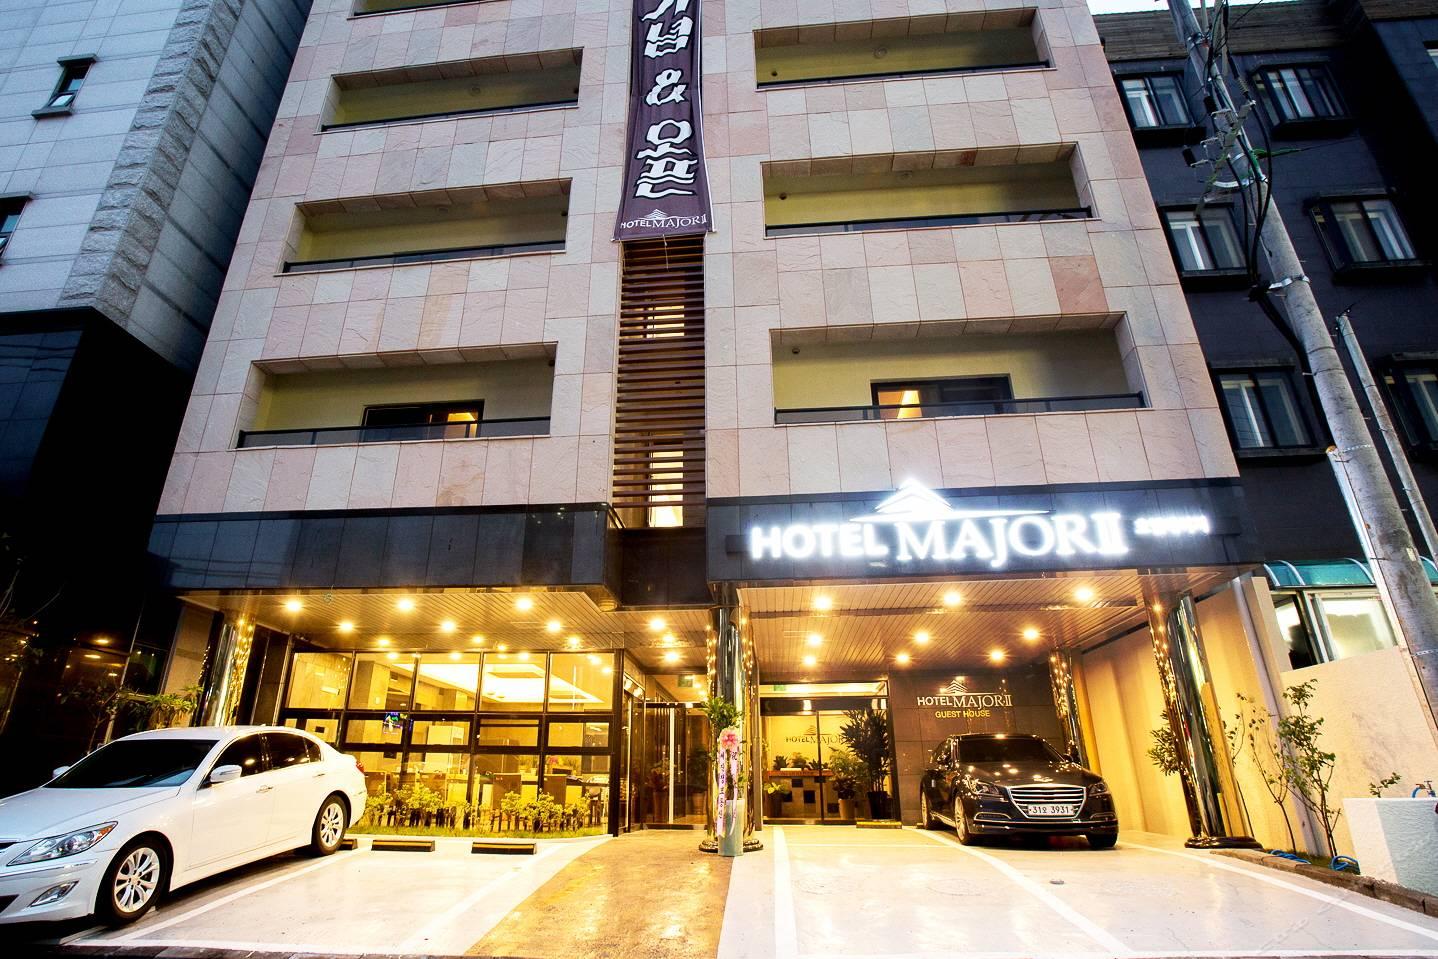 马若尔2号酒店